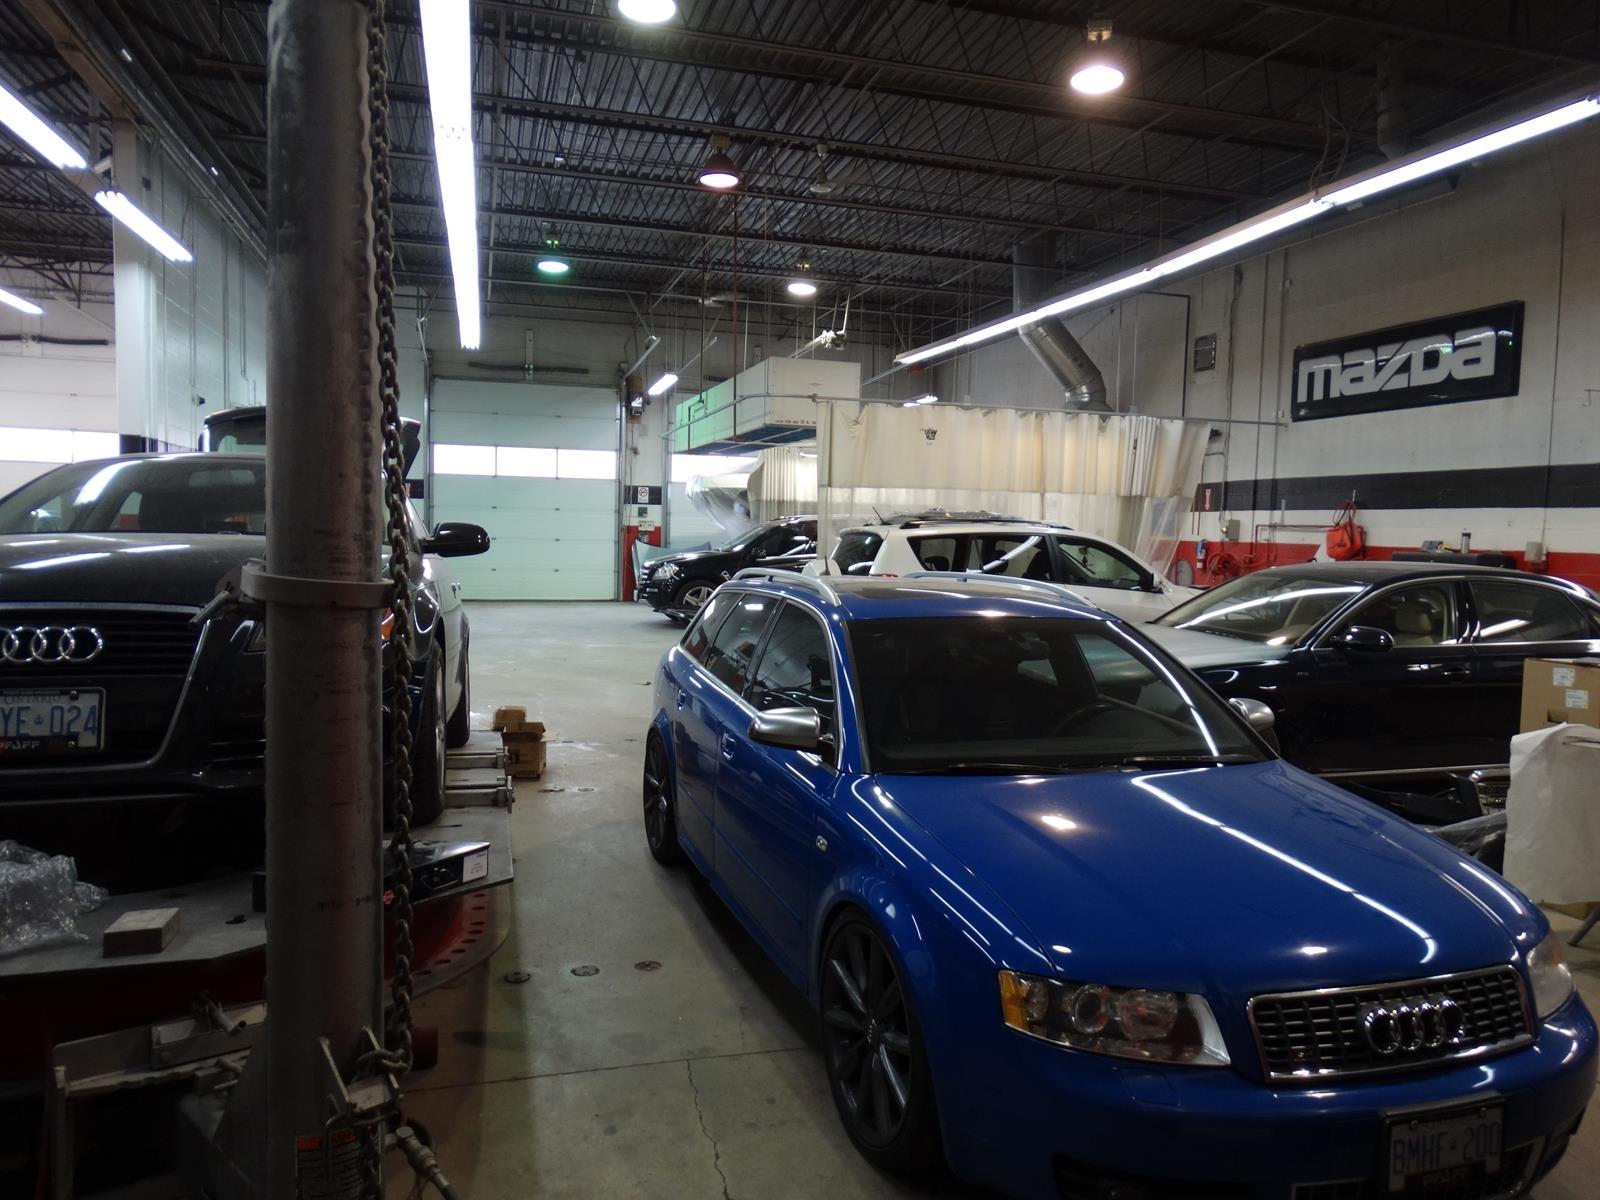 B M C Auto Collision Inc in Concord